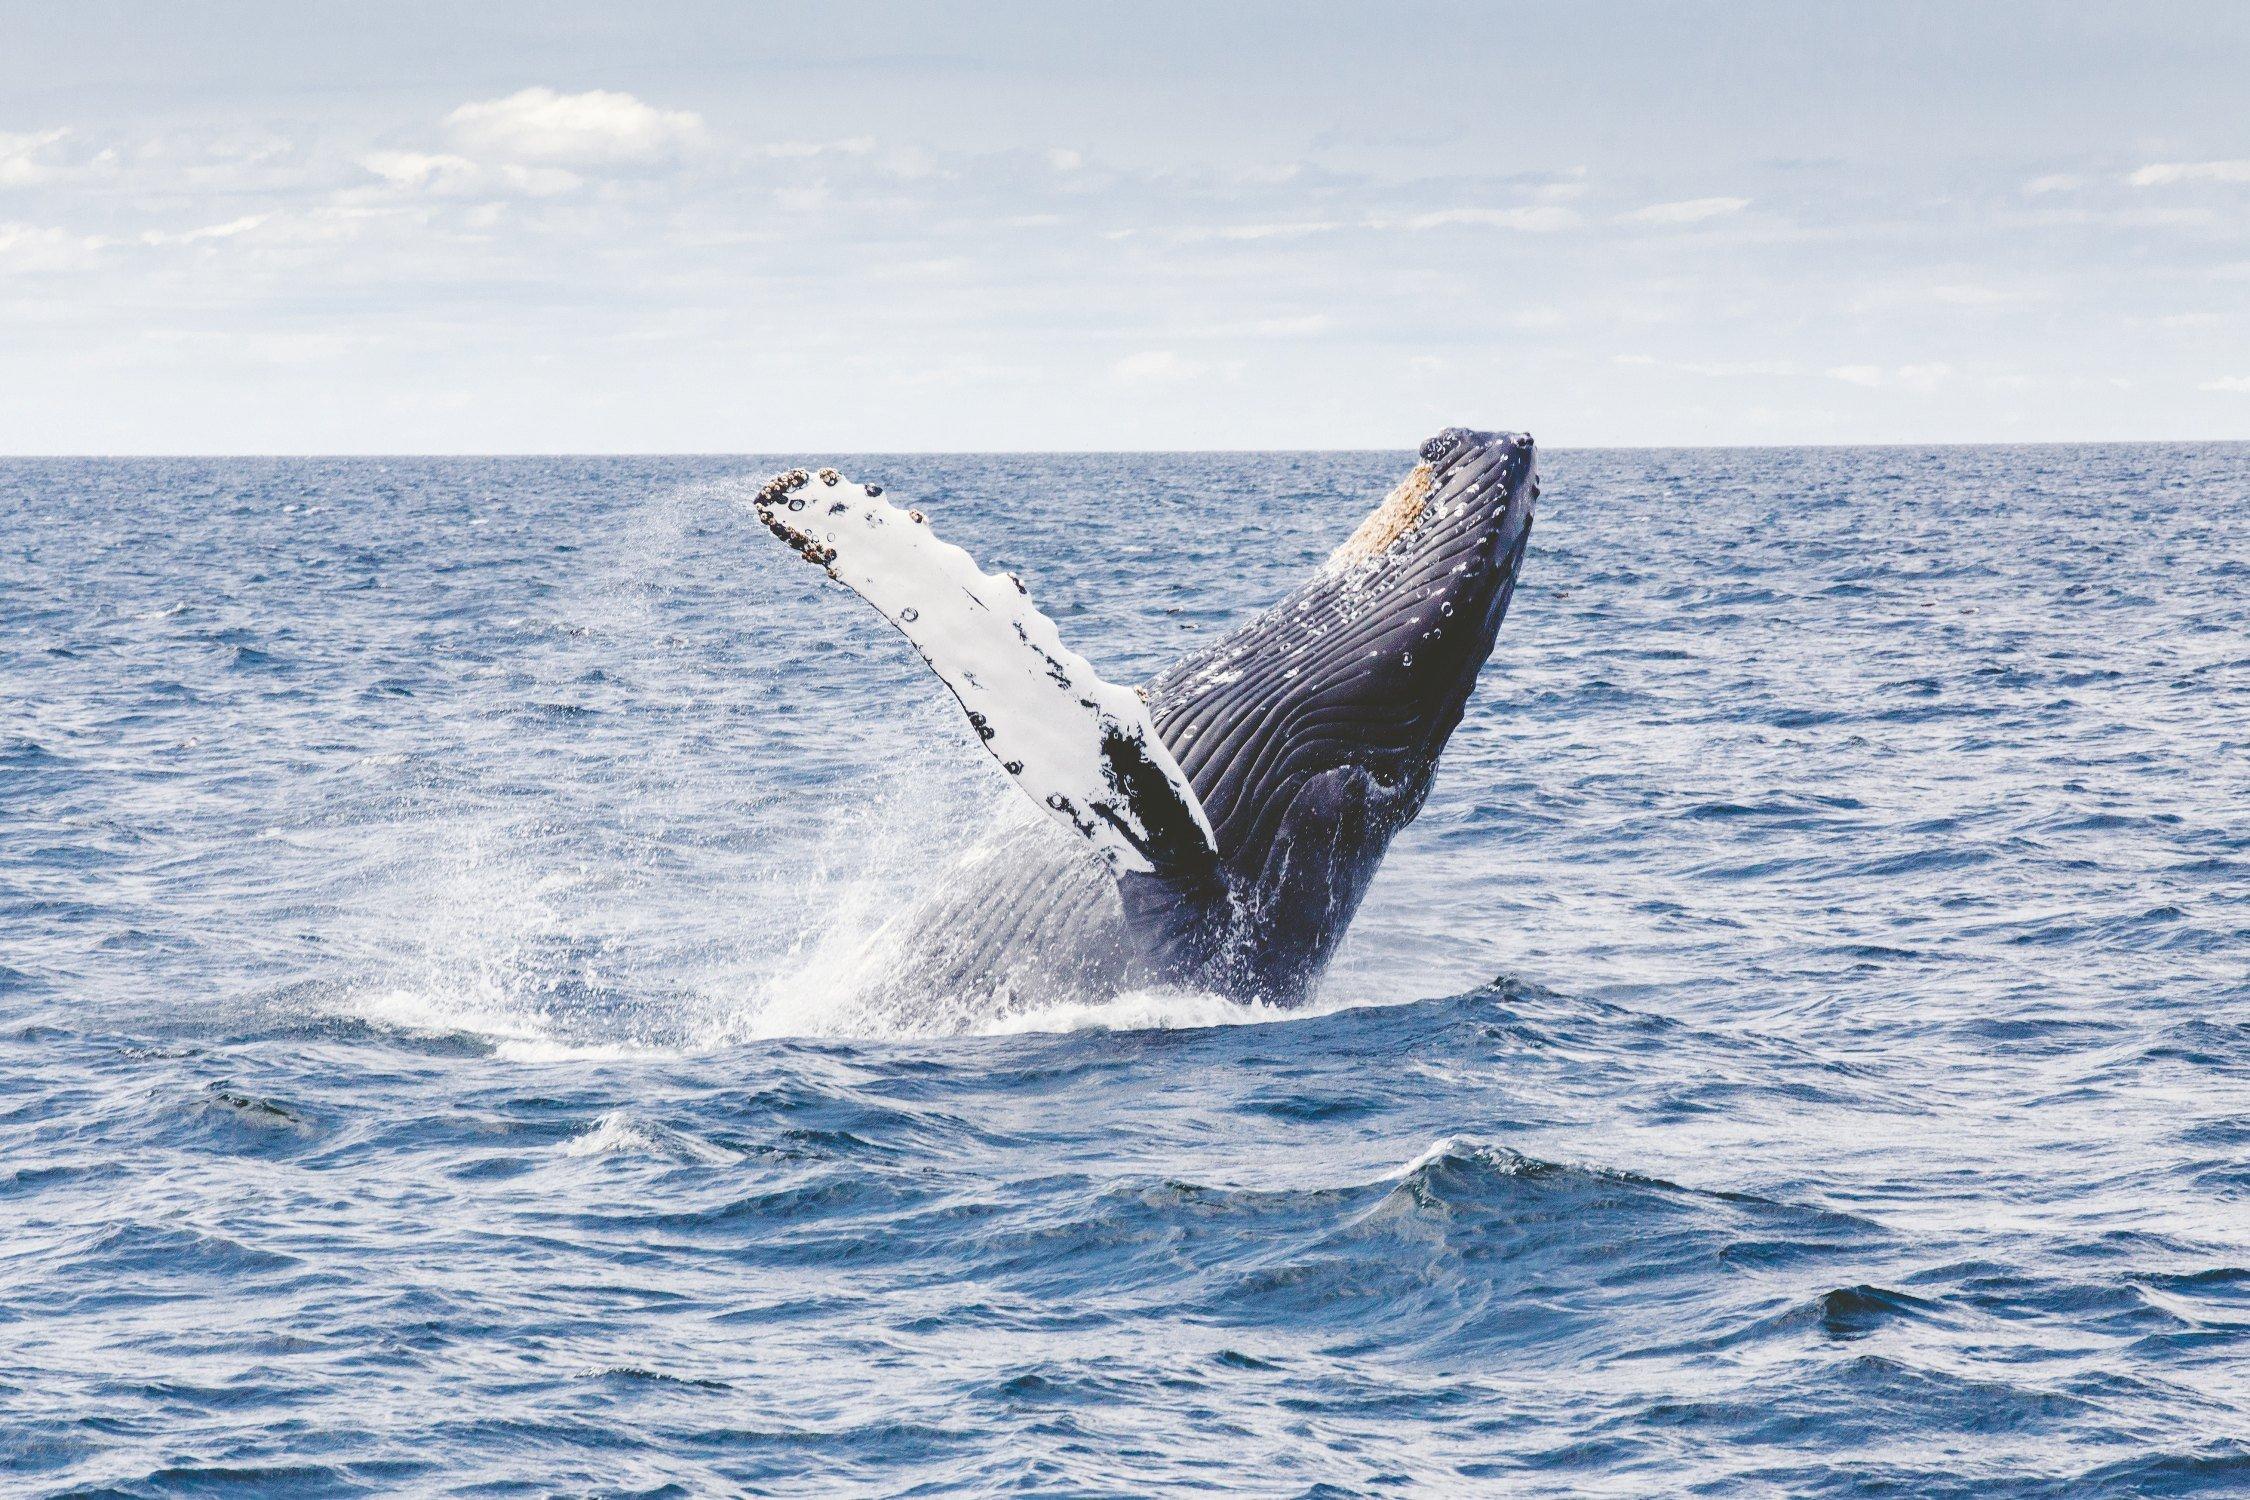 Animales acuáticos, ballena